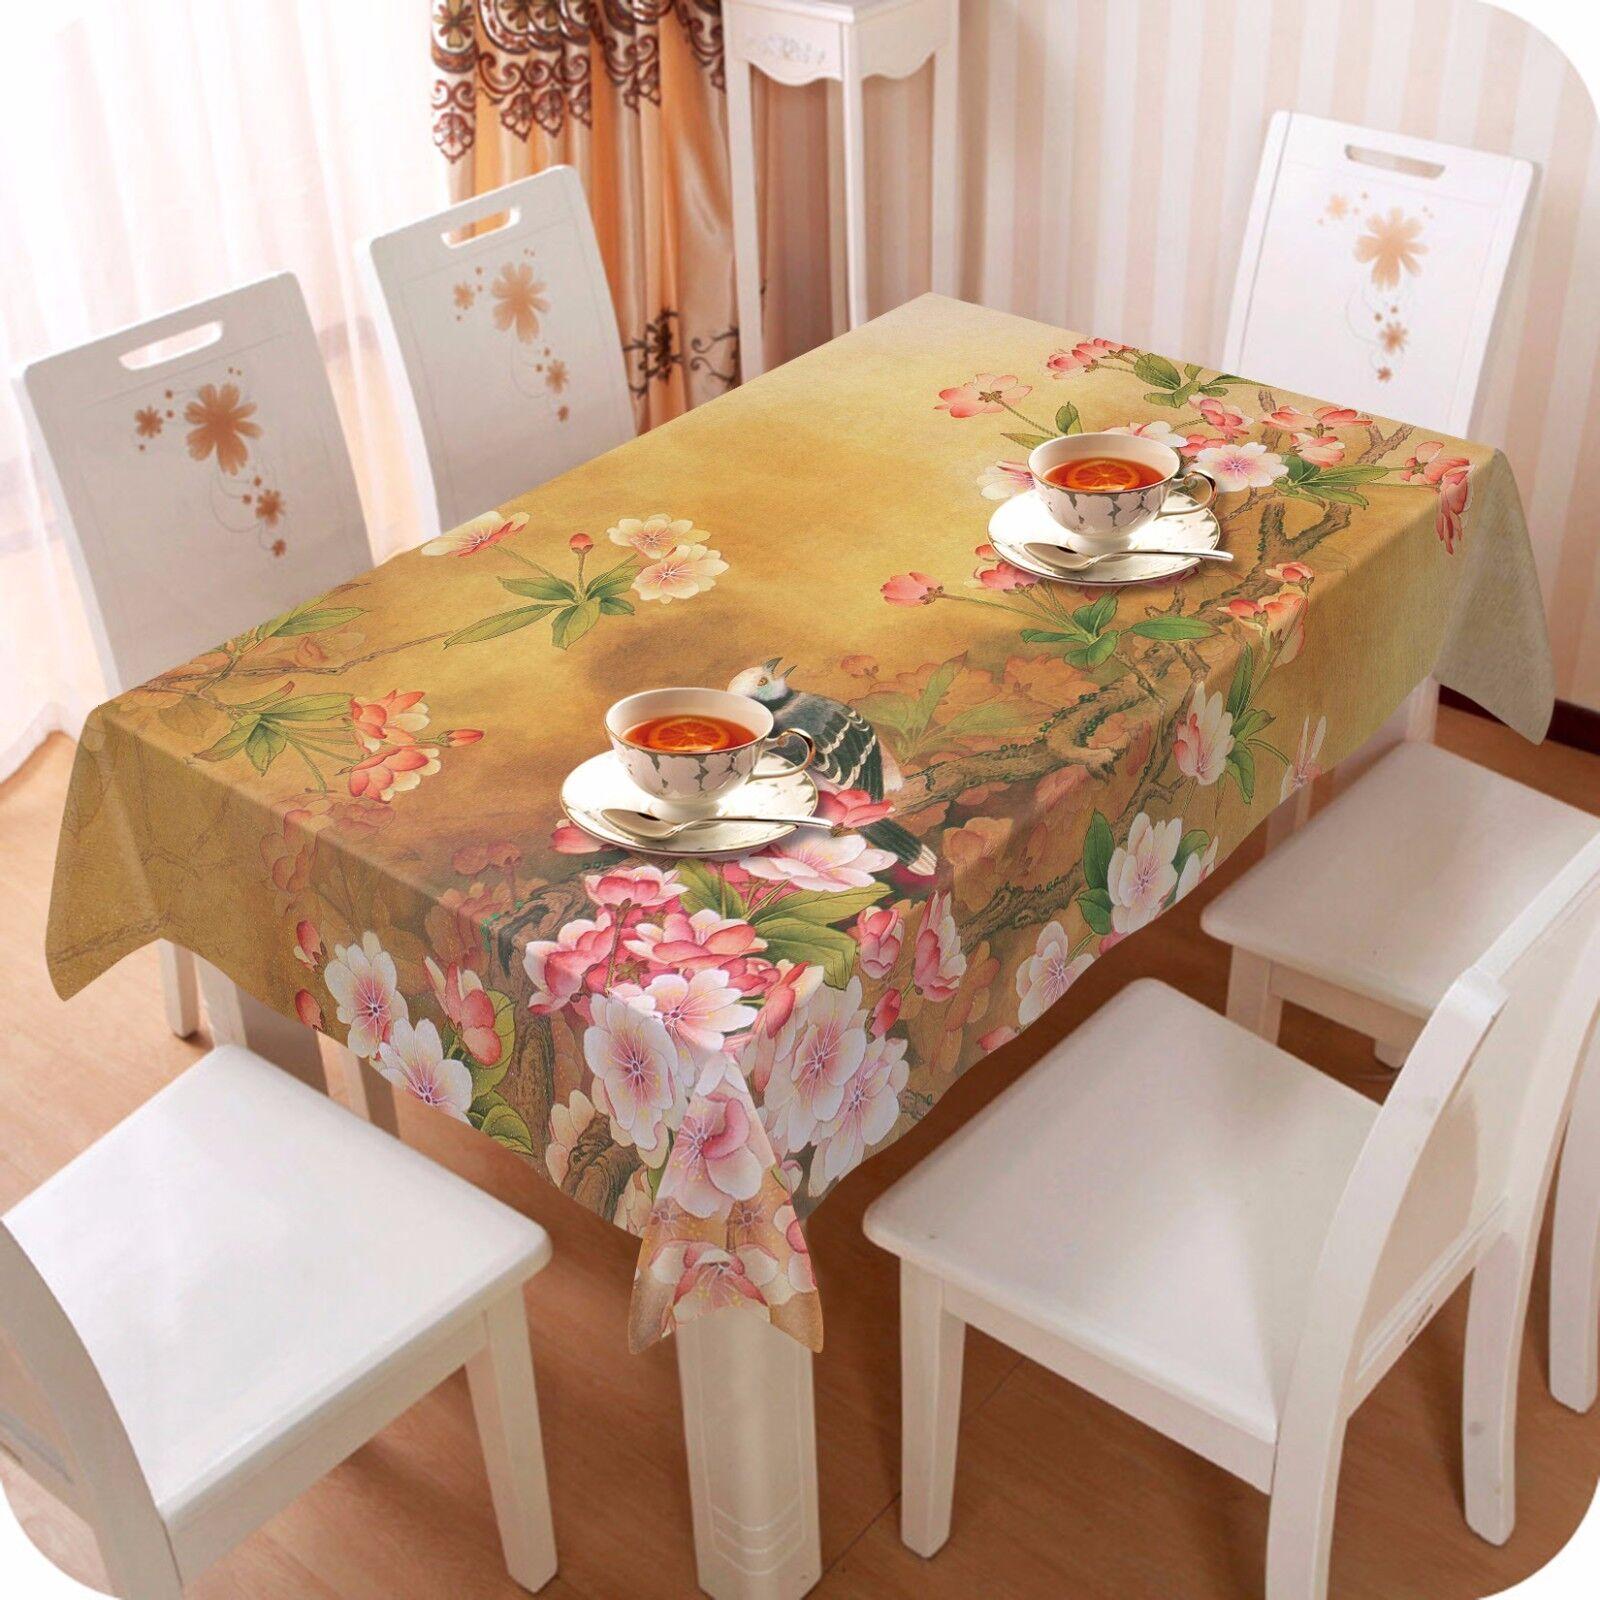 3D Fleur Oiseau Nappe Table Cover Cloth fête d'anniversaire AJ papier peint Royaume-Uni Citron